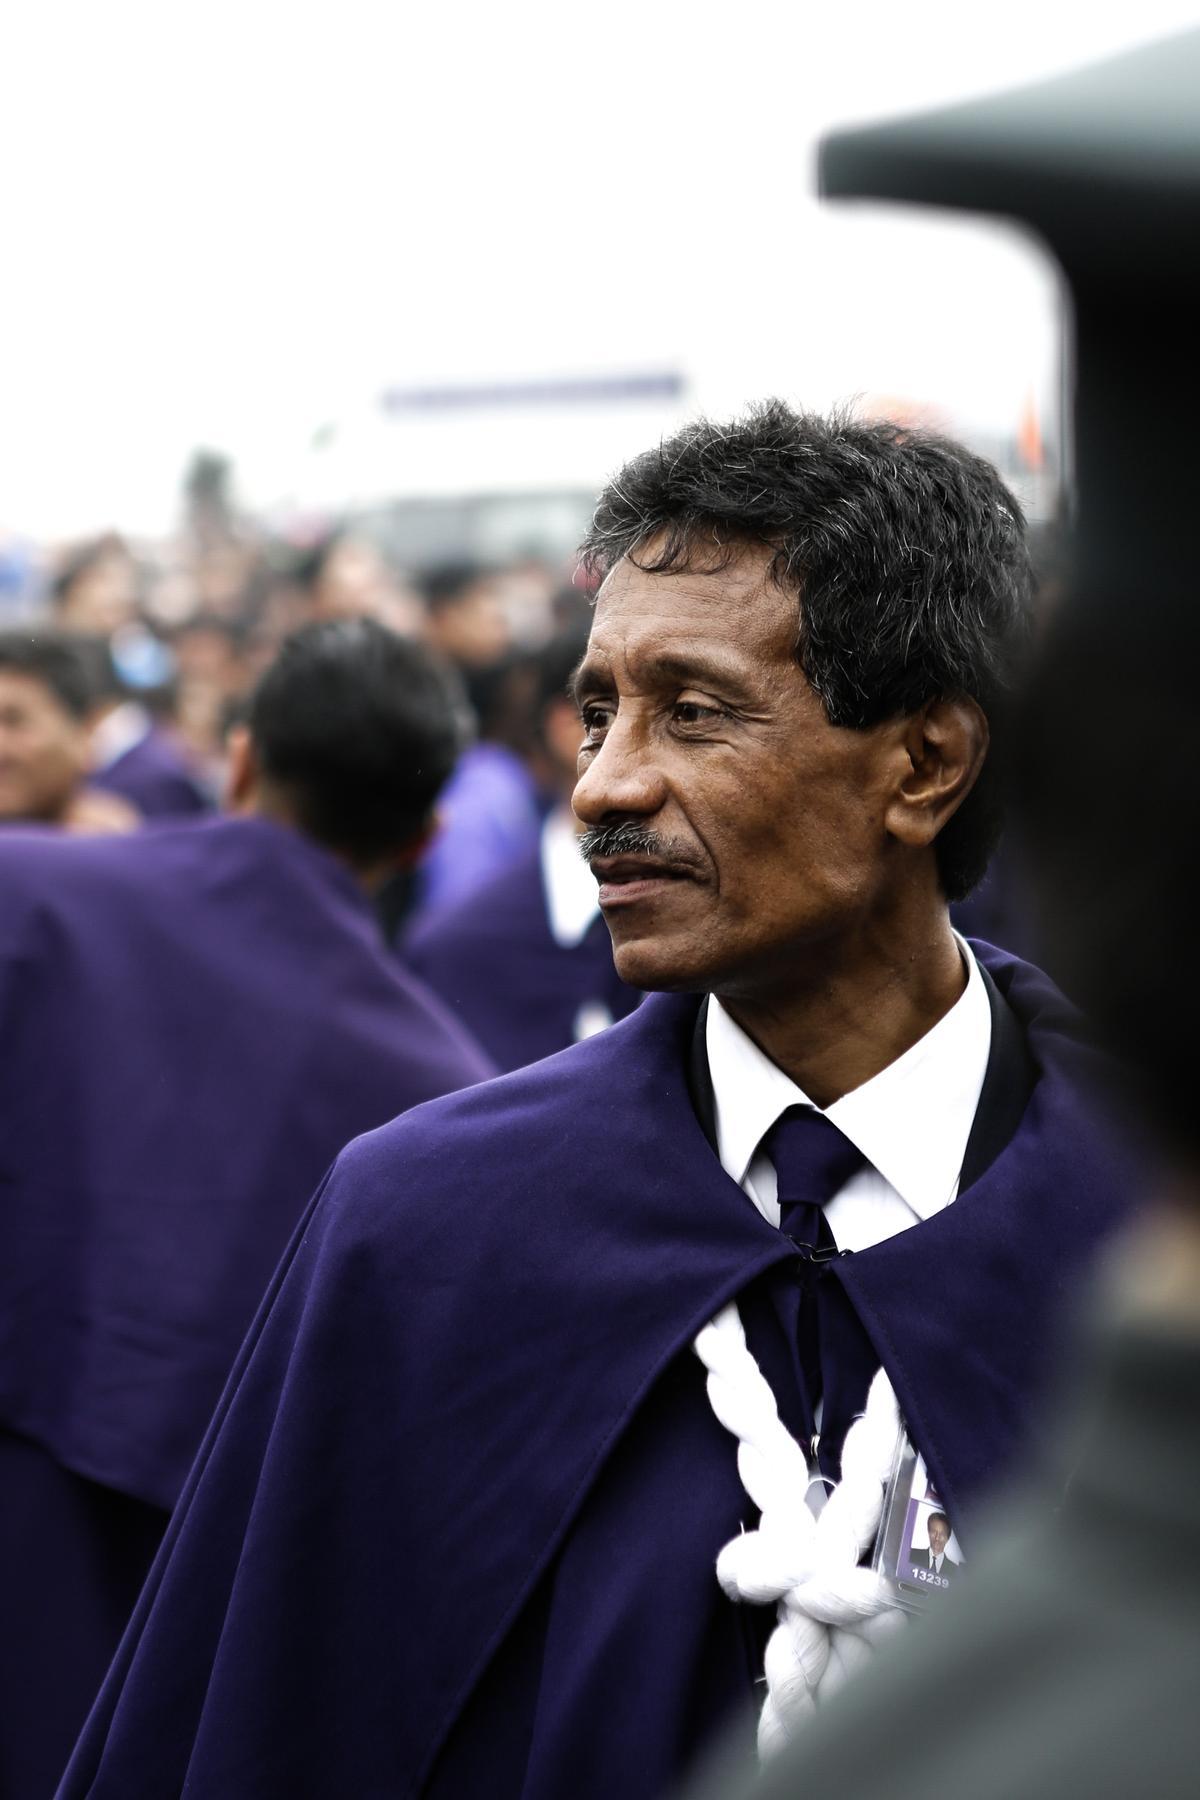 隨行人員必須身著紫色罩袍。